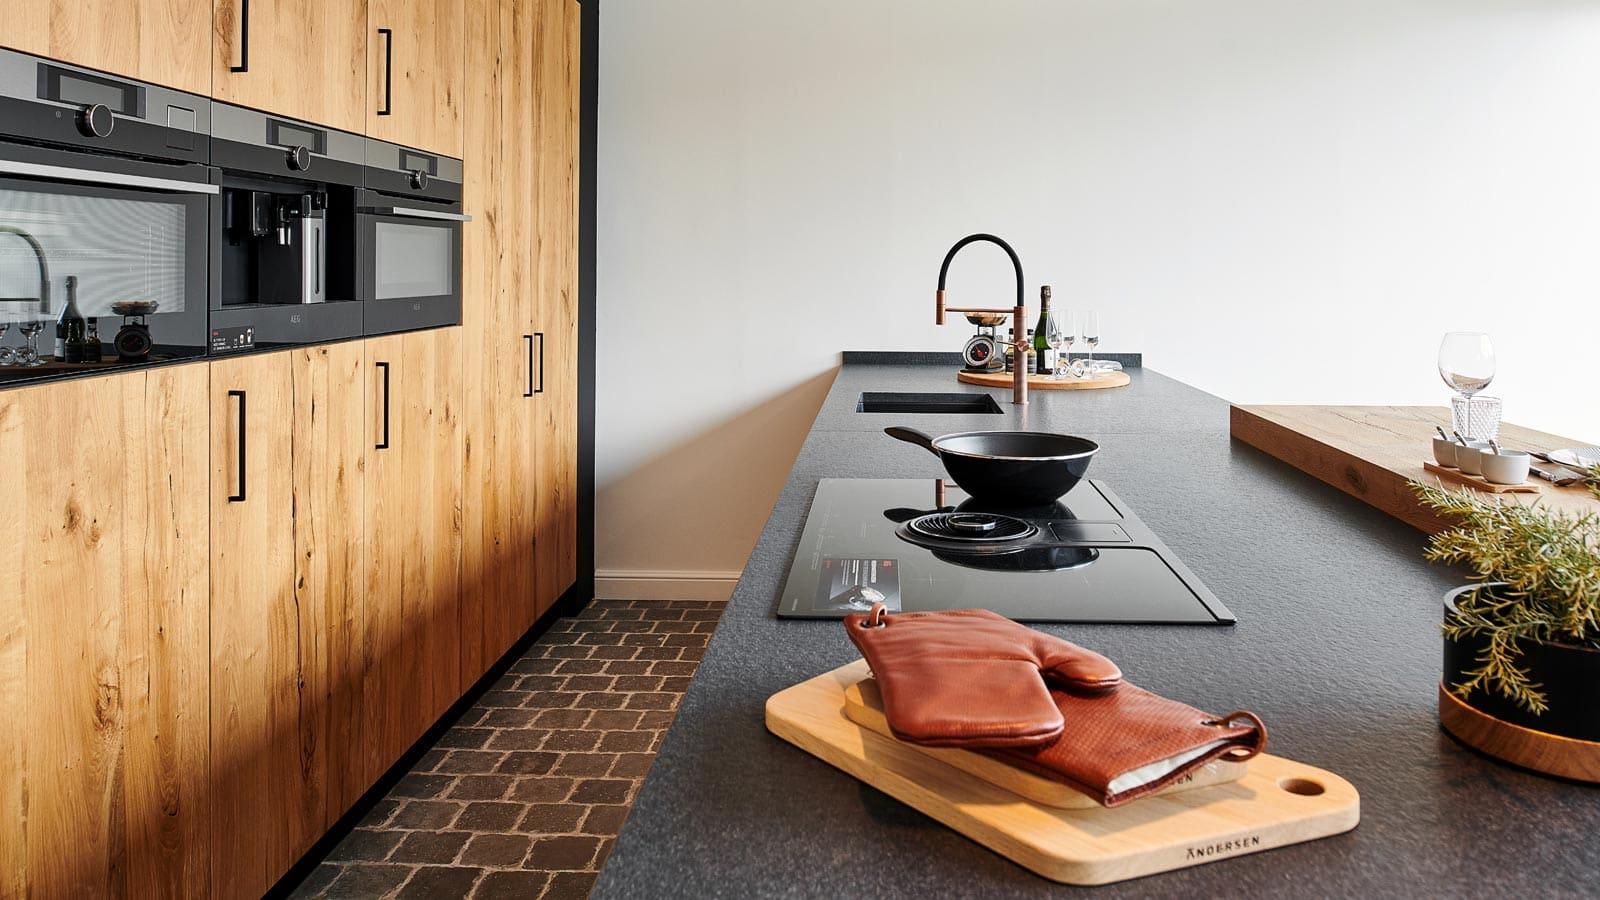 Hoe onderhoud je een graniet keukenblad?